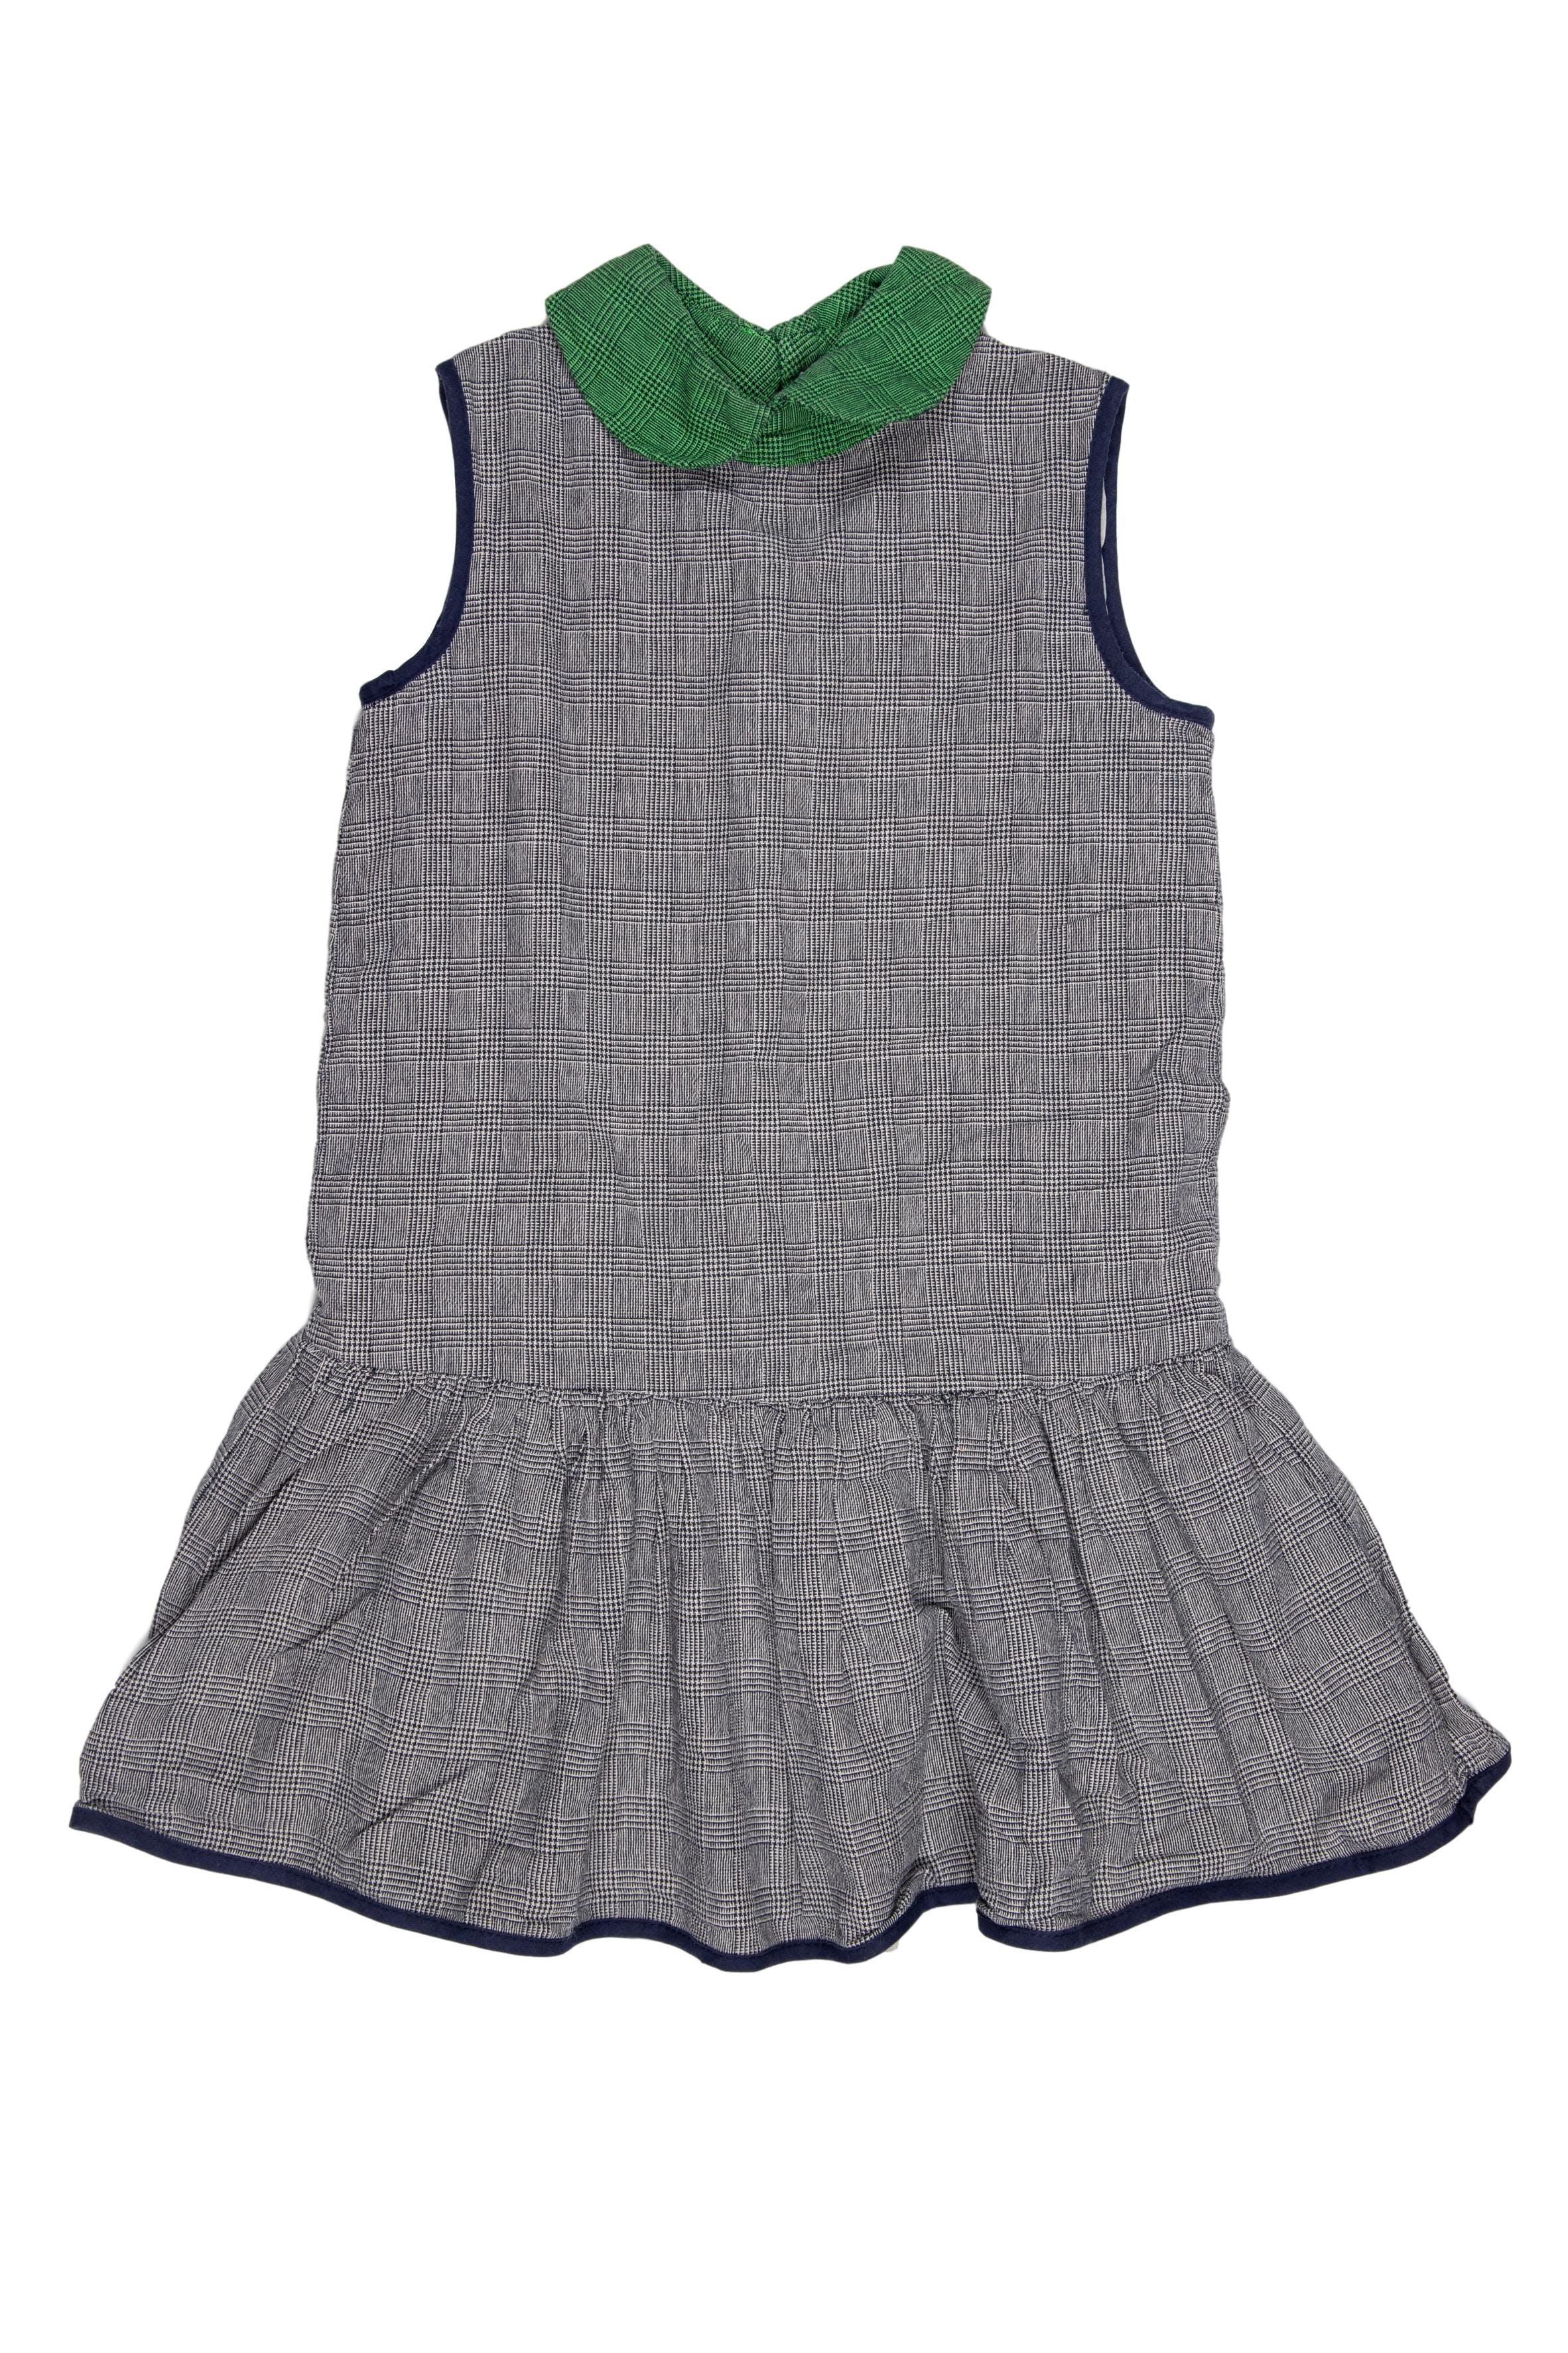 Vestido gris cuadritos con cuello verde y ribetes azules, forrado. Vestido 100% algodón, forro poliester. - EPK